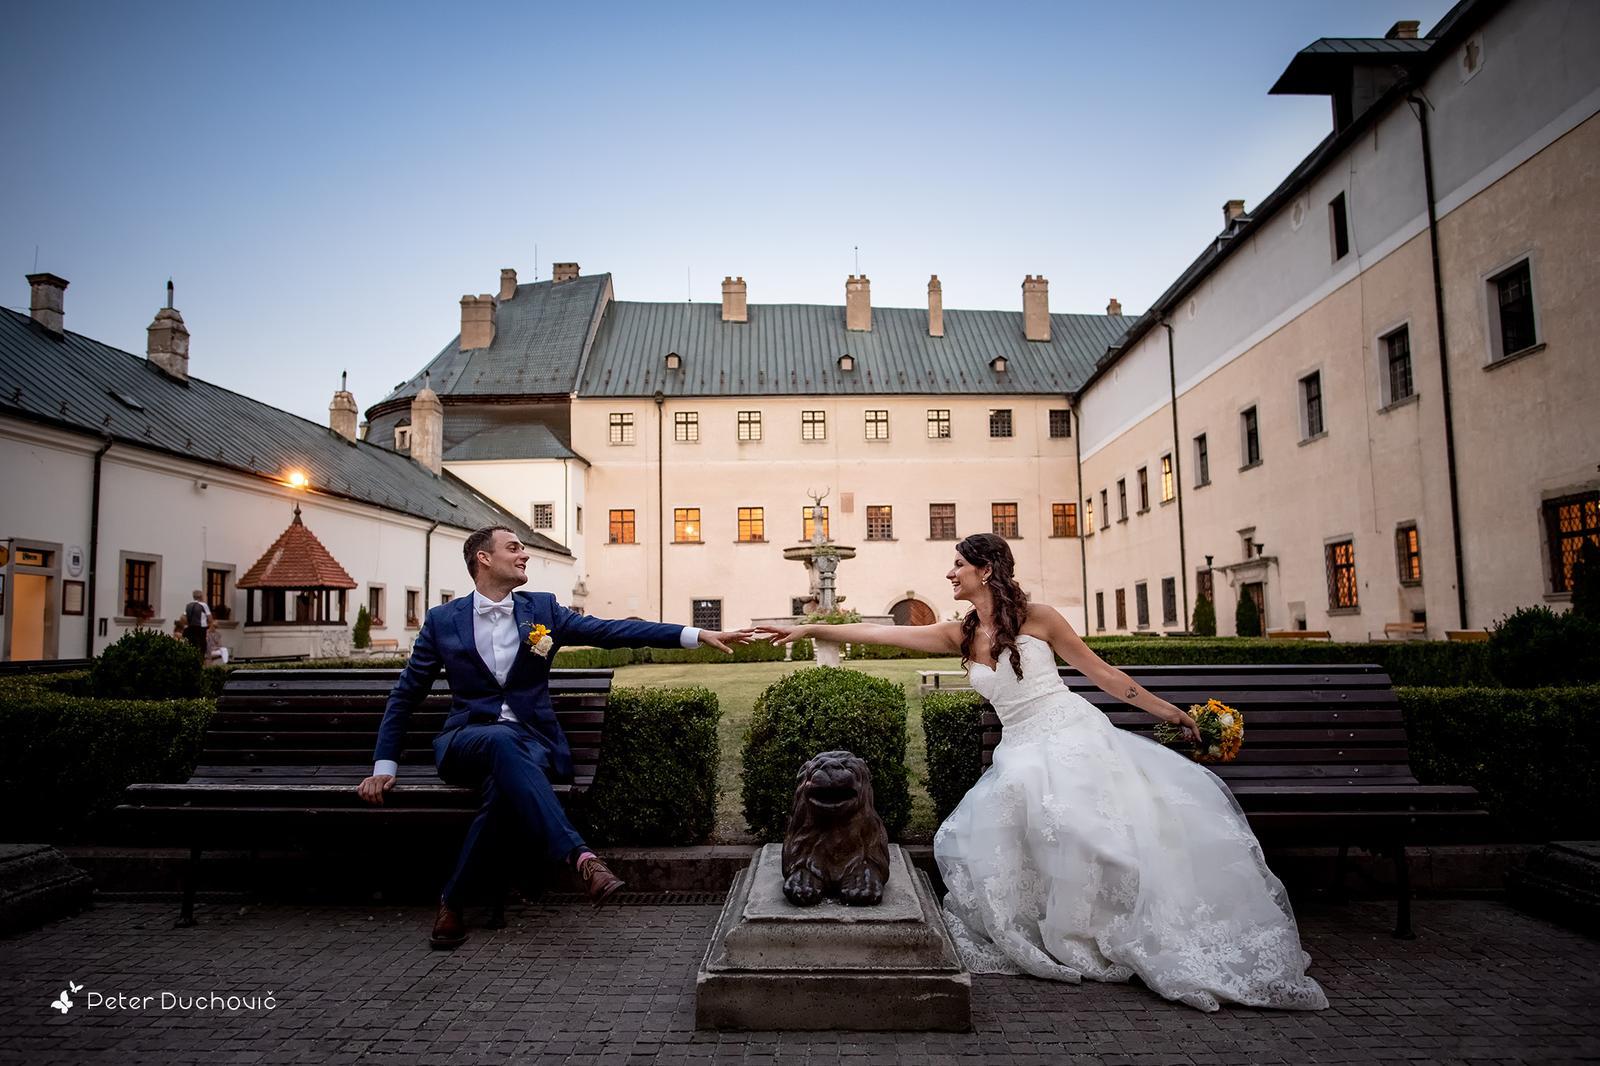 Svadba Eva a Tomáš - hrad Červený kameň - Obrázok č. 6